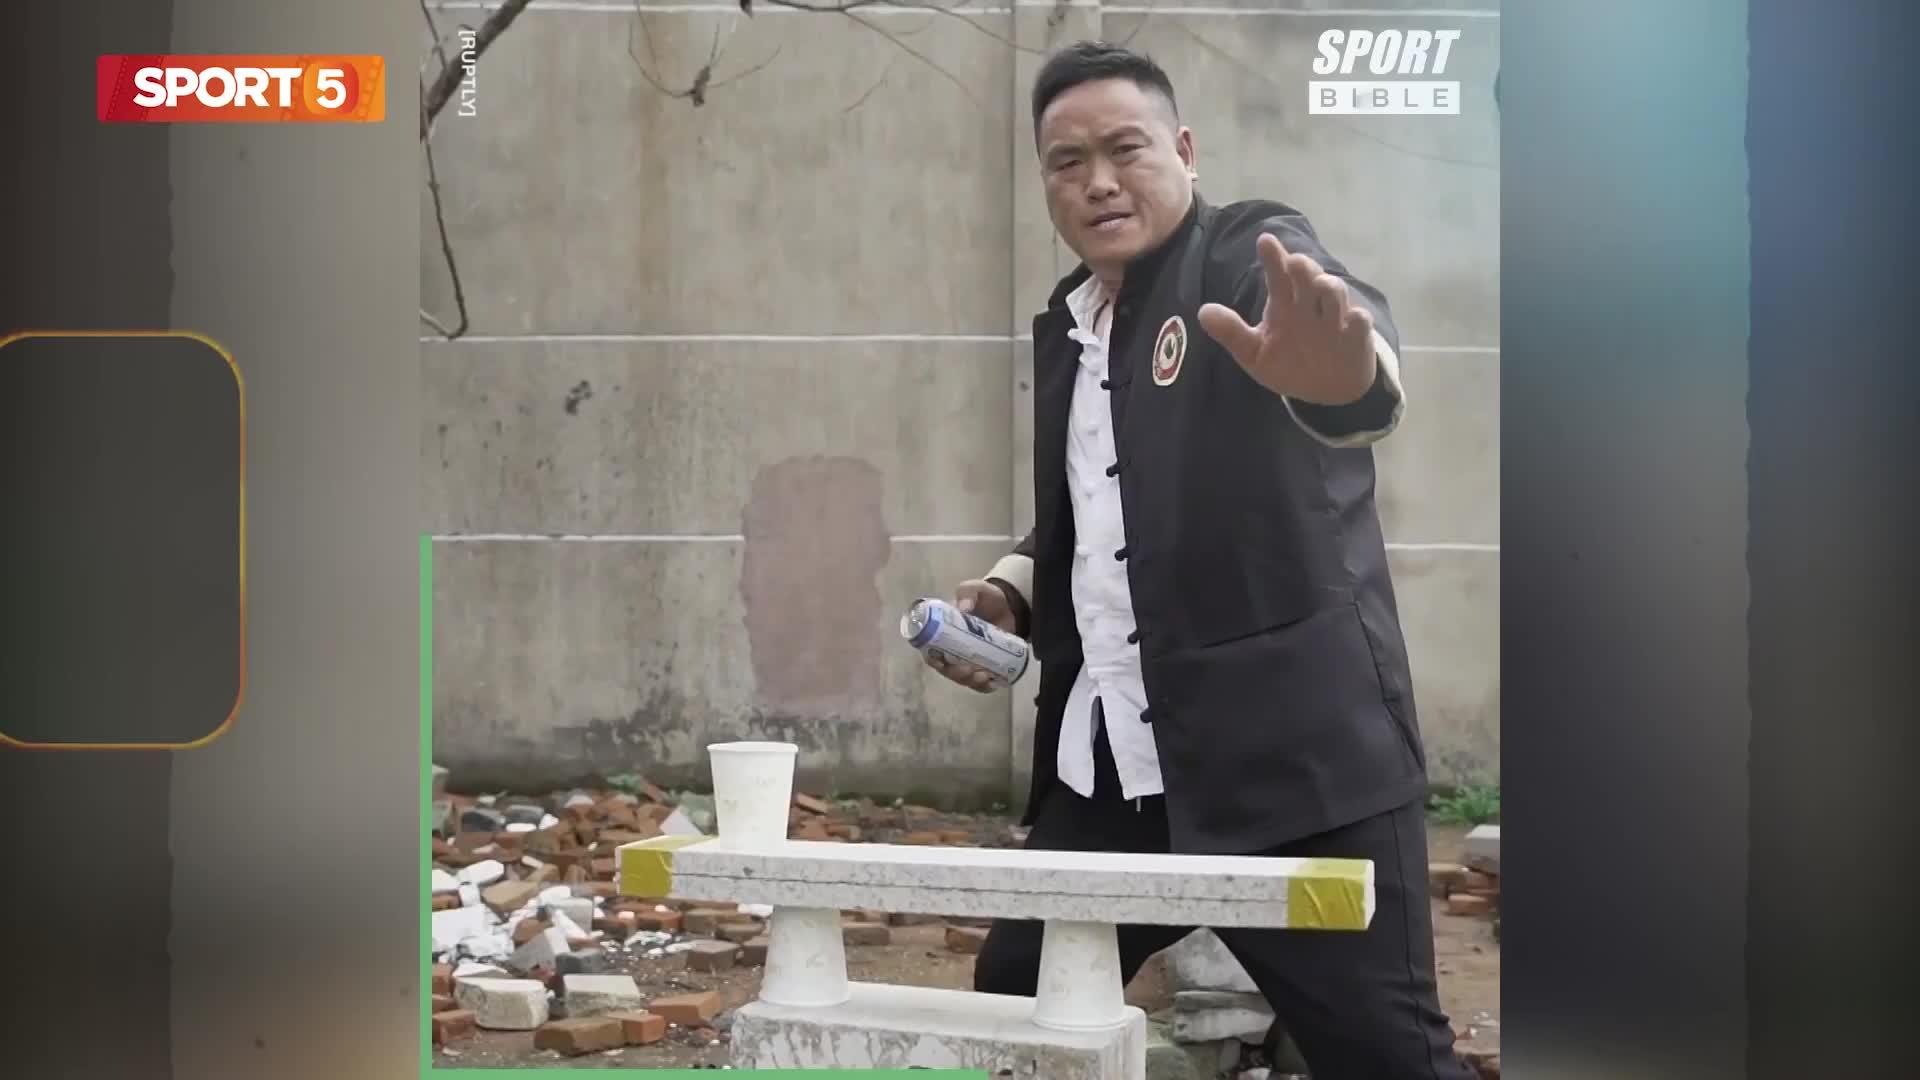 Võ sư Kung Fu sở hữu bàn tay cứng như sắt